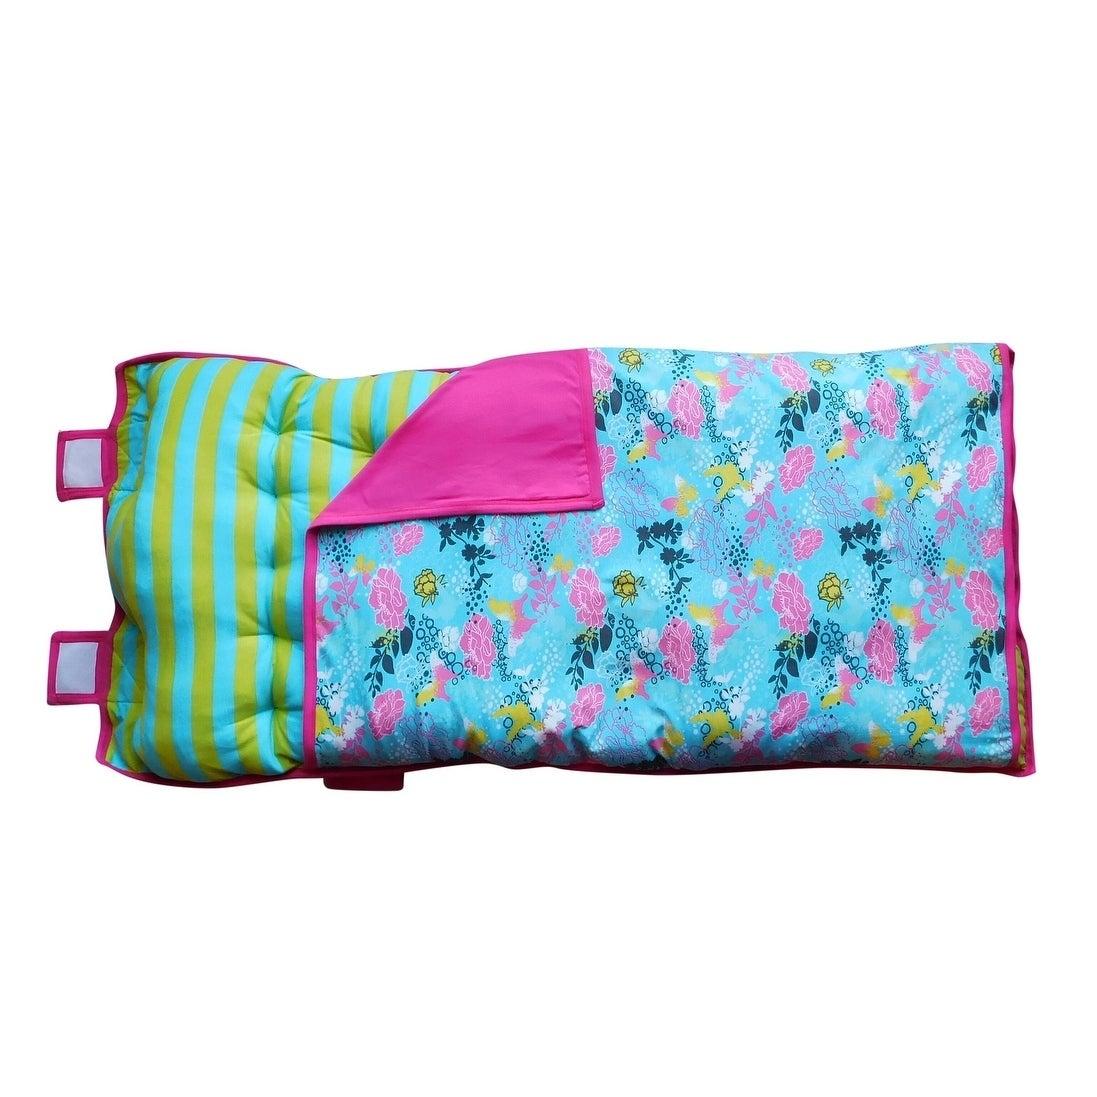 Shop Annloren Butterflies Flowers Cozy Plush Nap Mat Pillow